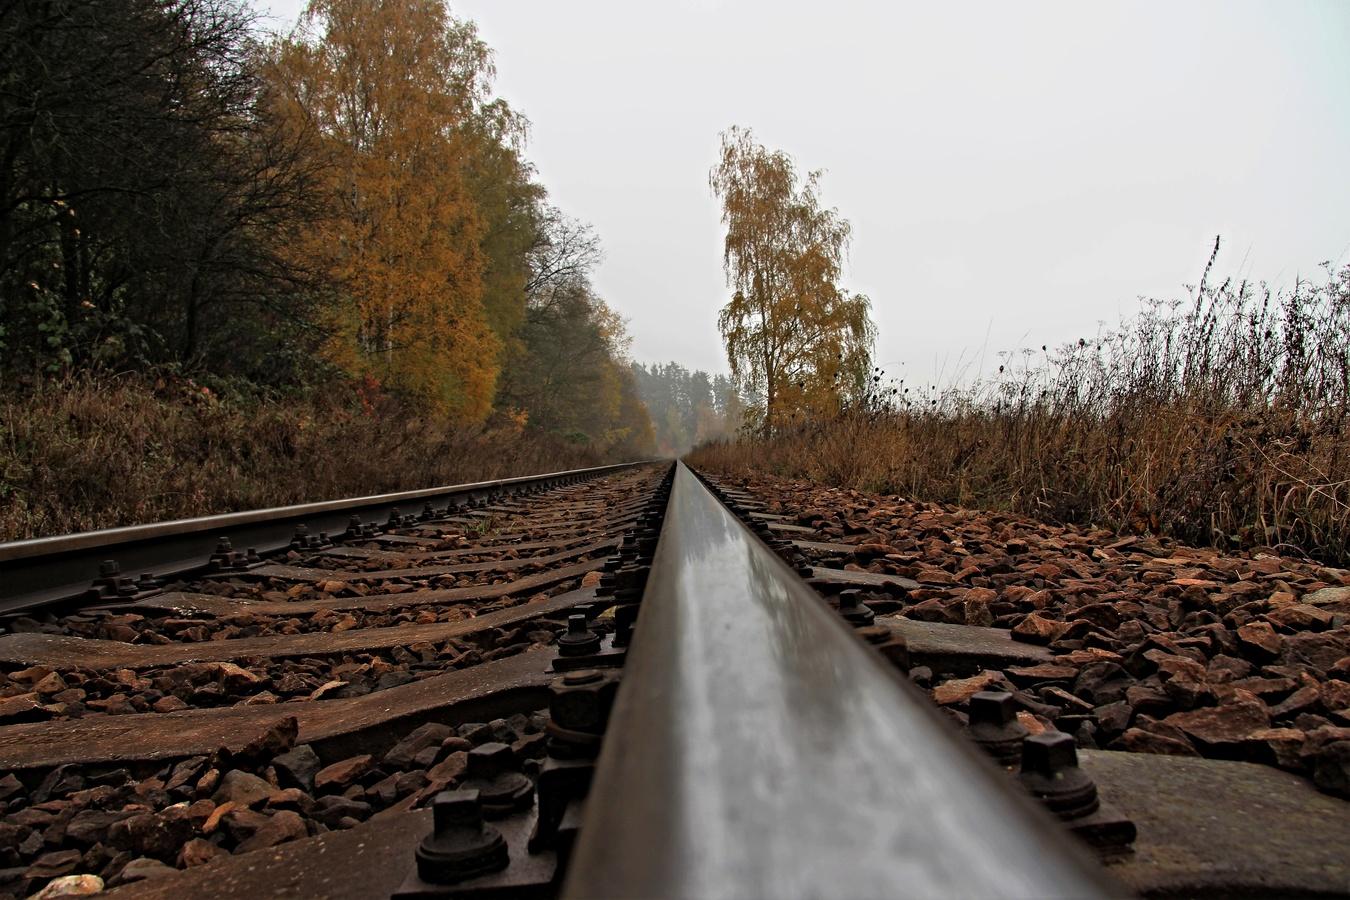 Železniční trať 032